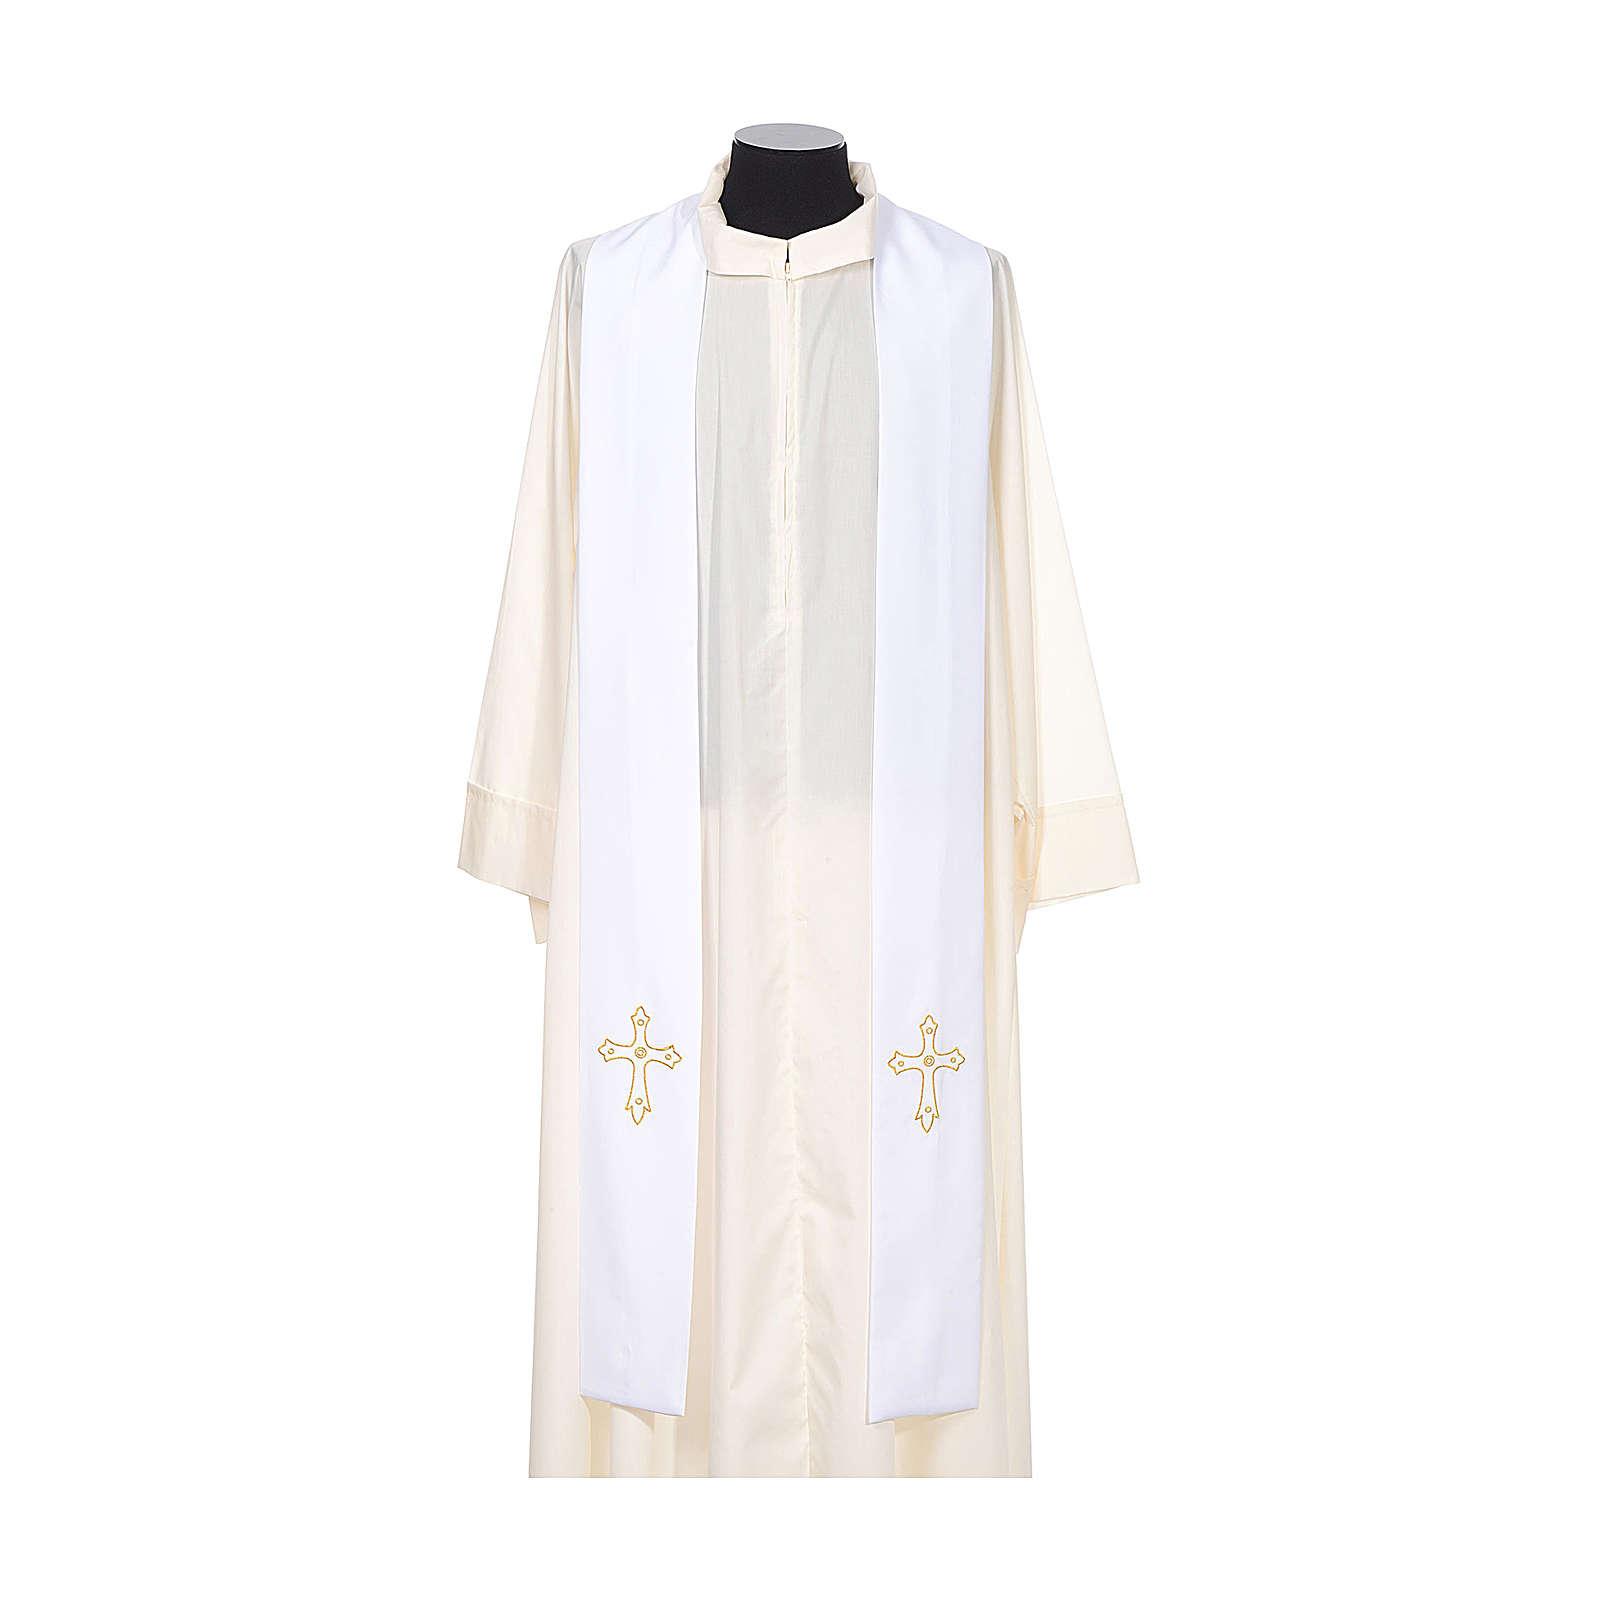 Estola sacerdotal bordada doble cara tejido Vatican 4